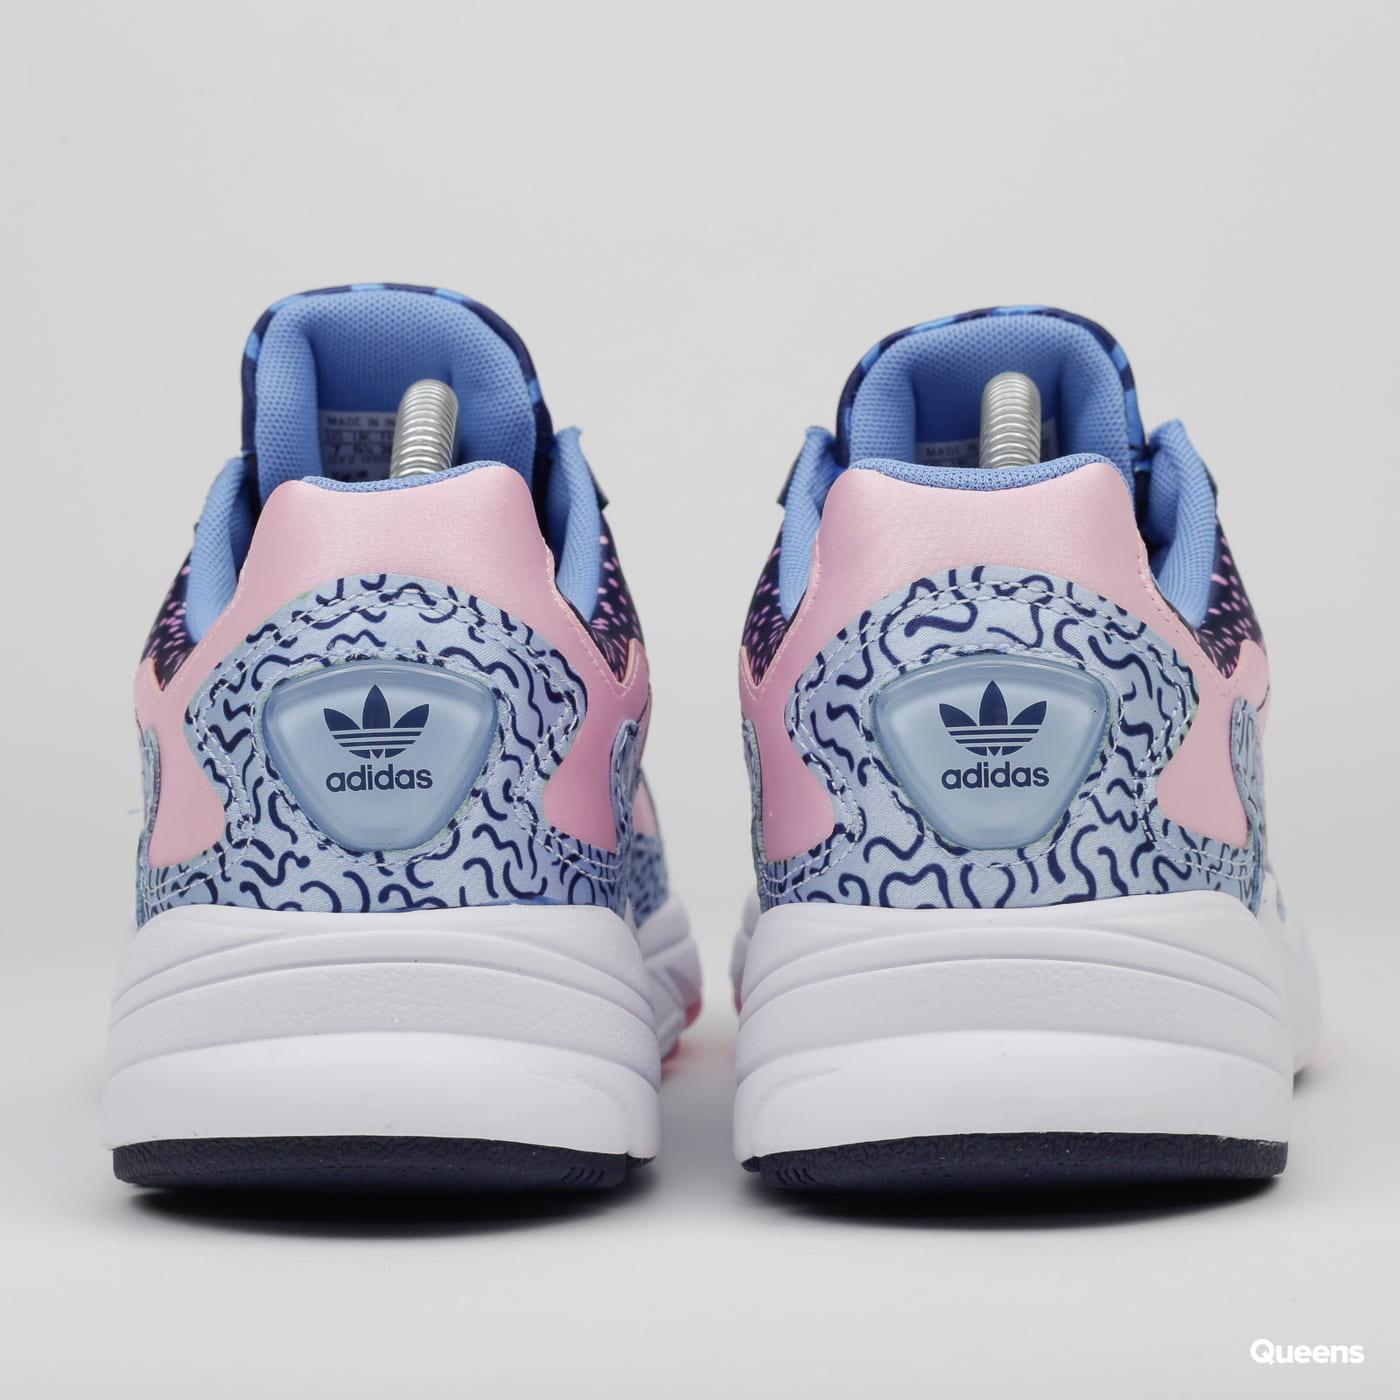 adidas Originals Falcon W conavy / globlu / trupnk